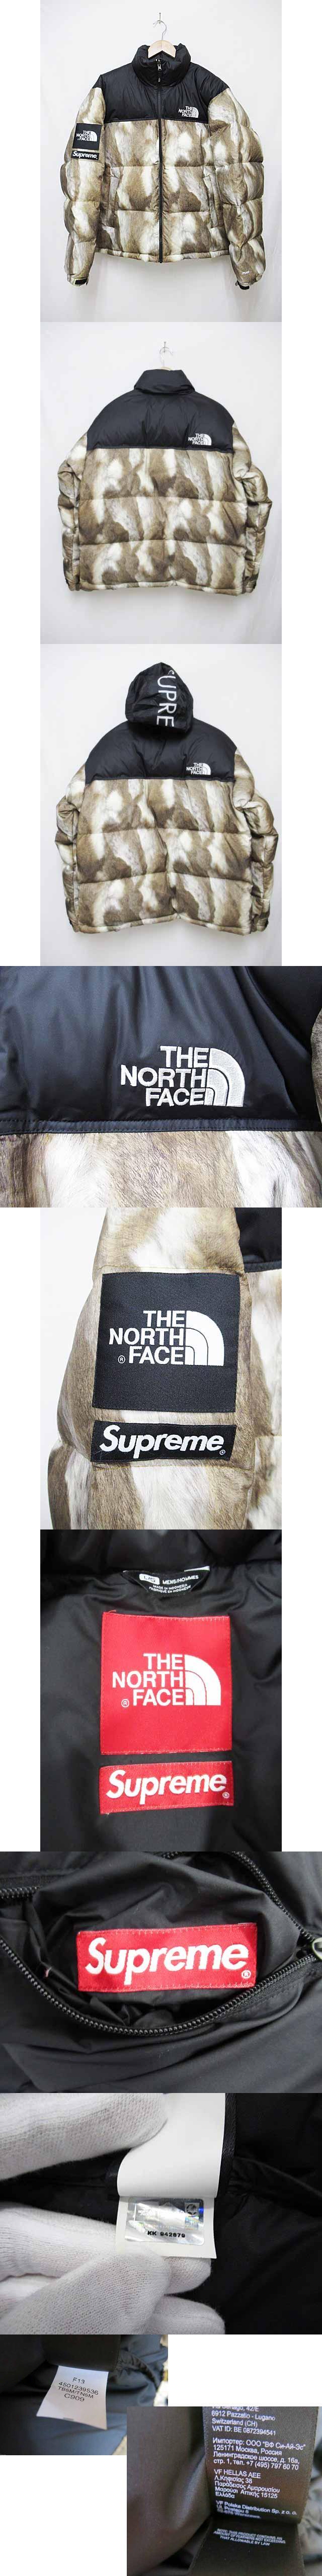 13AW THE NORTH FACE Fur Print Nuptse ヌプシ ダウンジャケット L ブラウン【ブランド古着ベクトル】【中古】180826☆AA★ 600